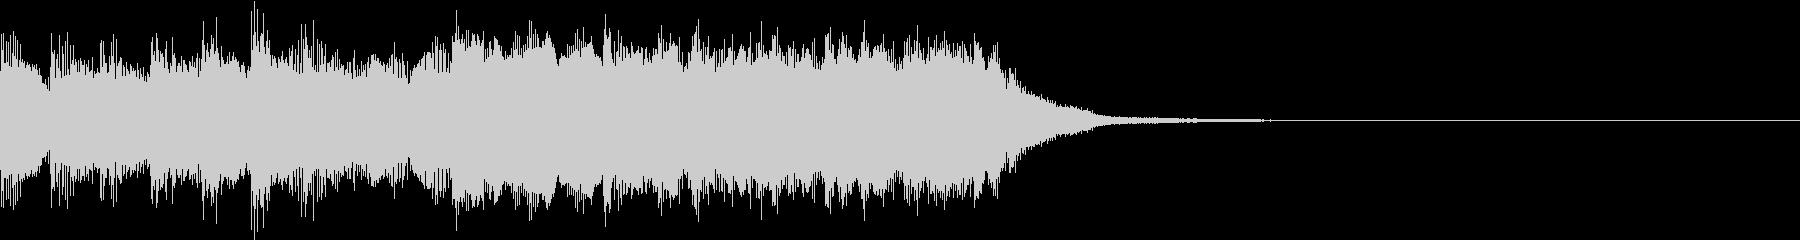 ファミコン風 レトロ ファンファーレ Bの未再生の波形